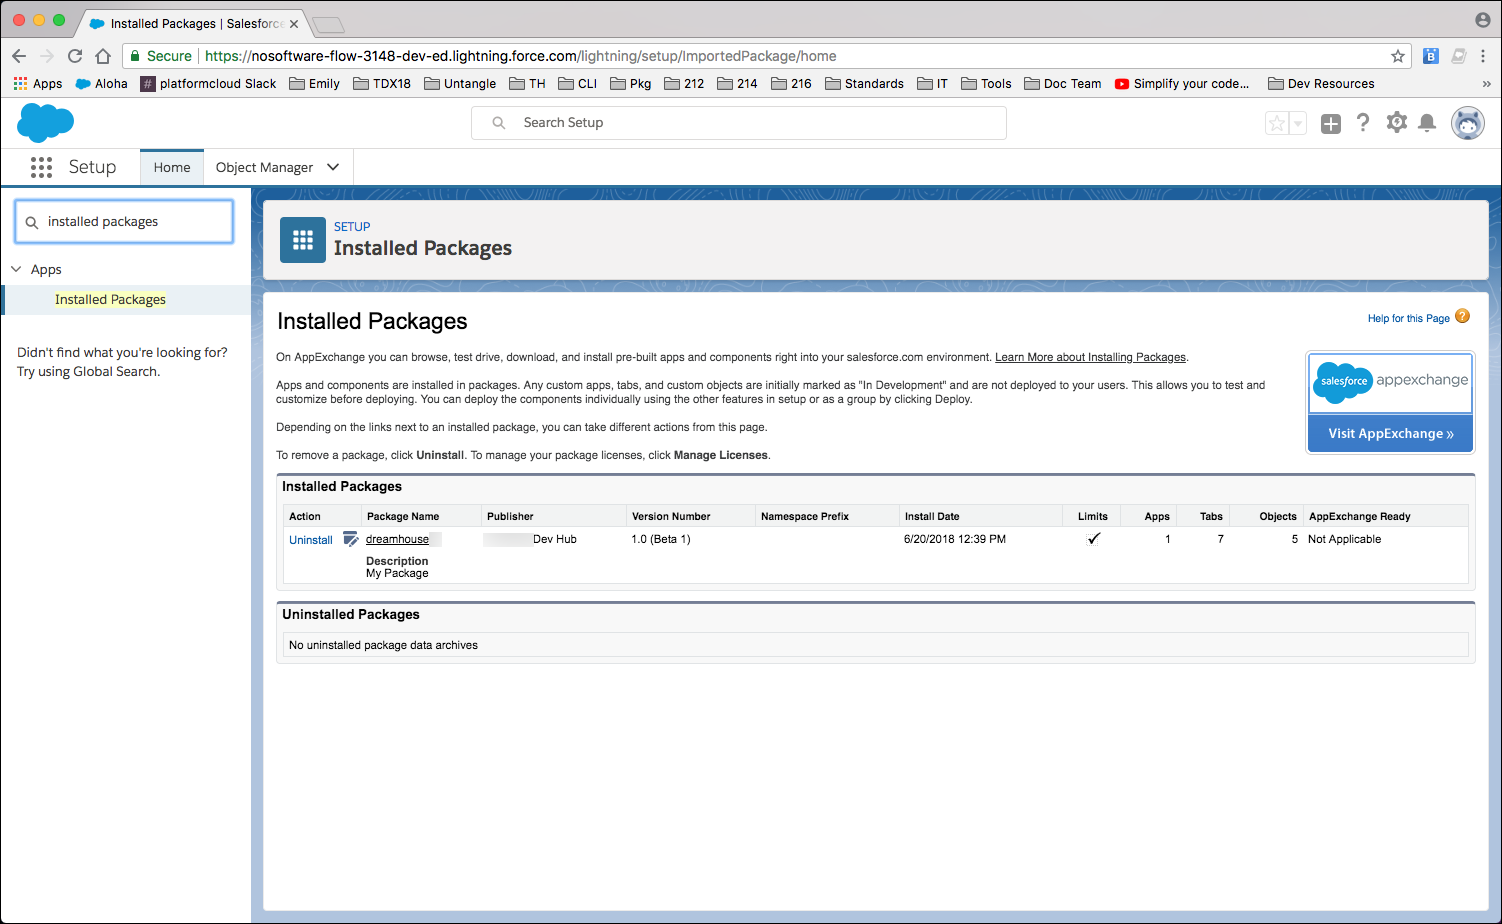 [Installed Packages (インストール済みパッケージ)] ダイアログが表示されます。